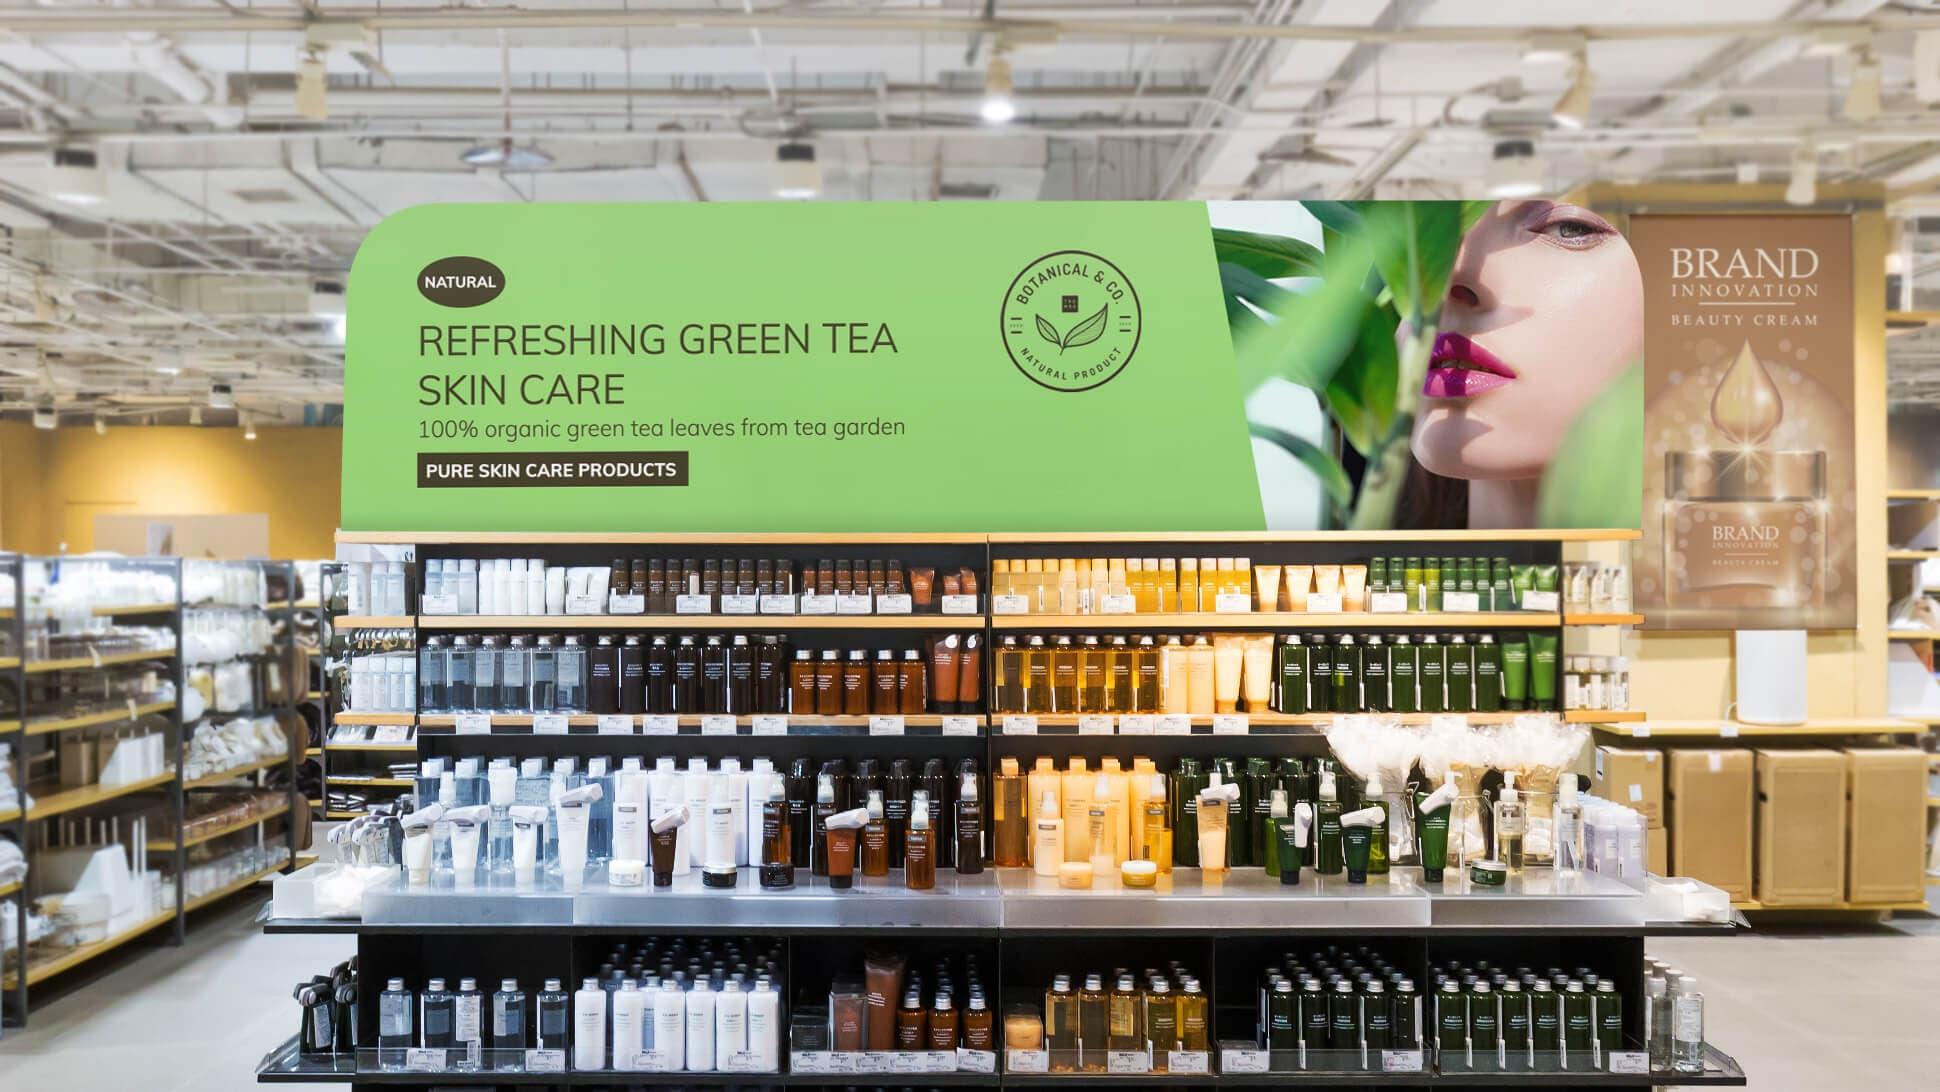 Pannello in Forex® bifacciale 5mm per messaggi pubblicitari e allestimenti negozi | tictac.it